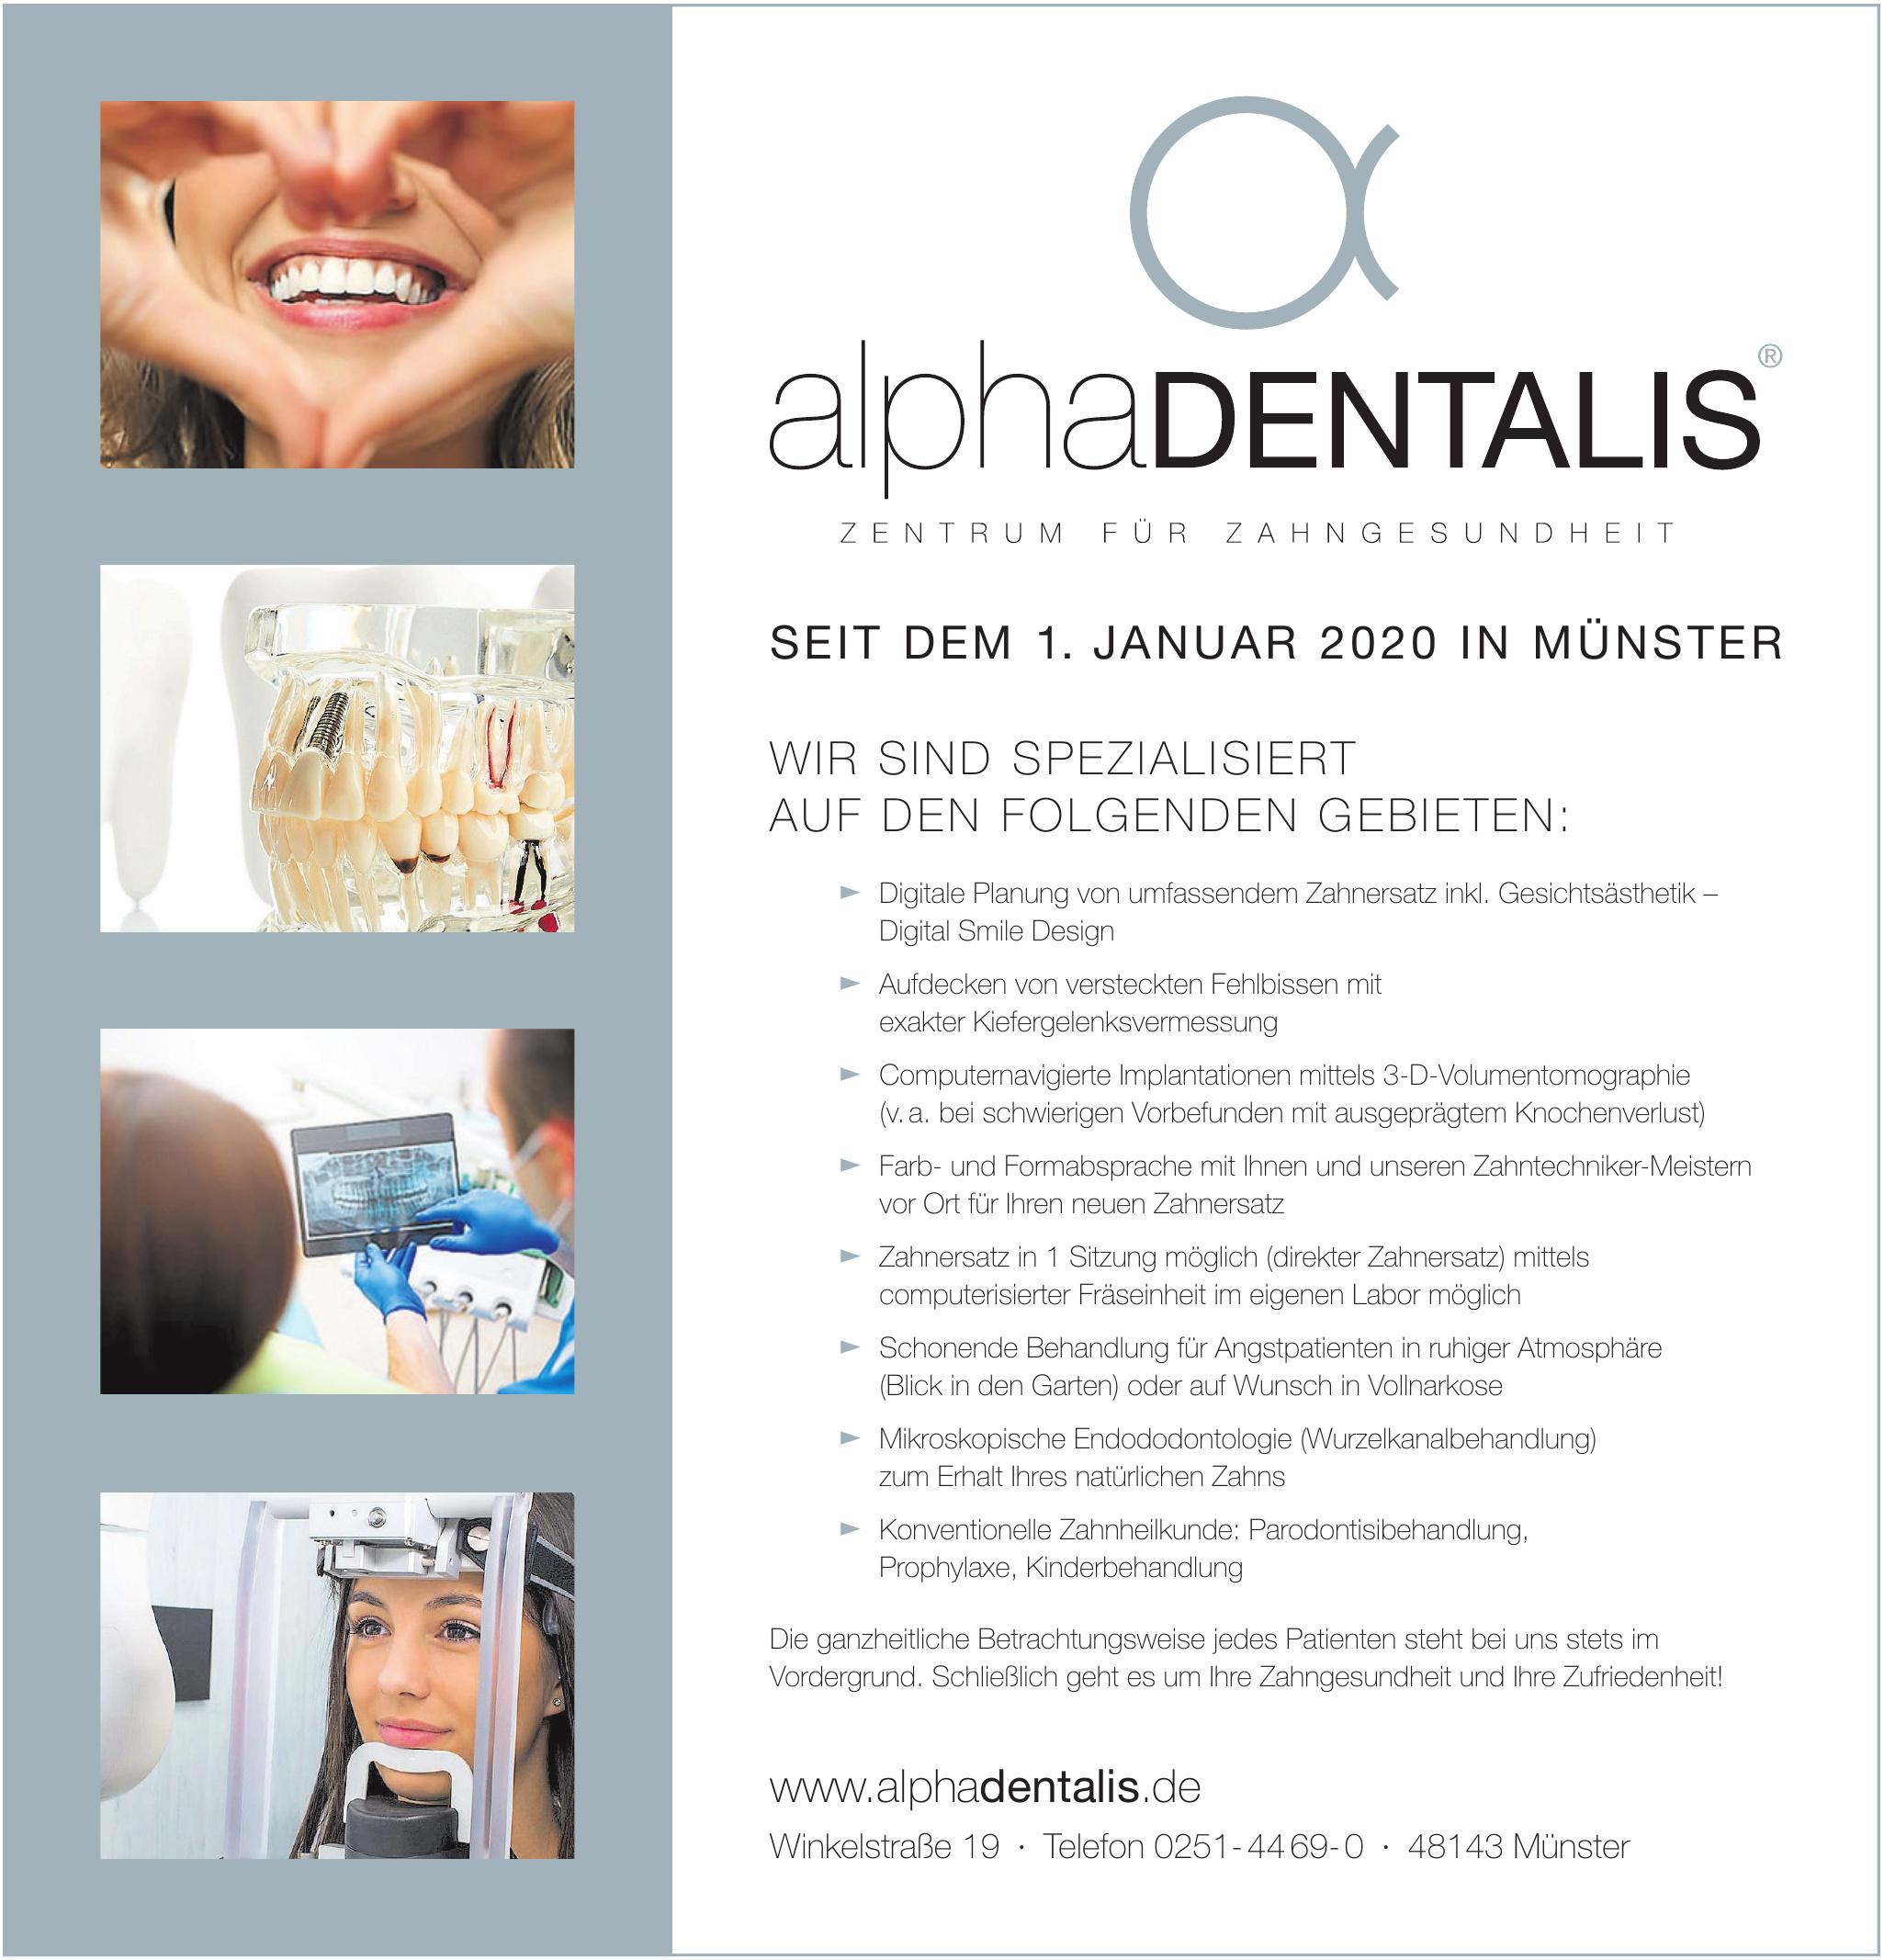 alphaDENTALIS Zentrum für Zahngesundheit